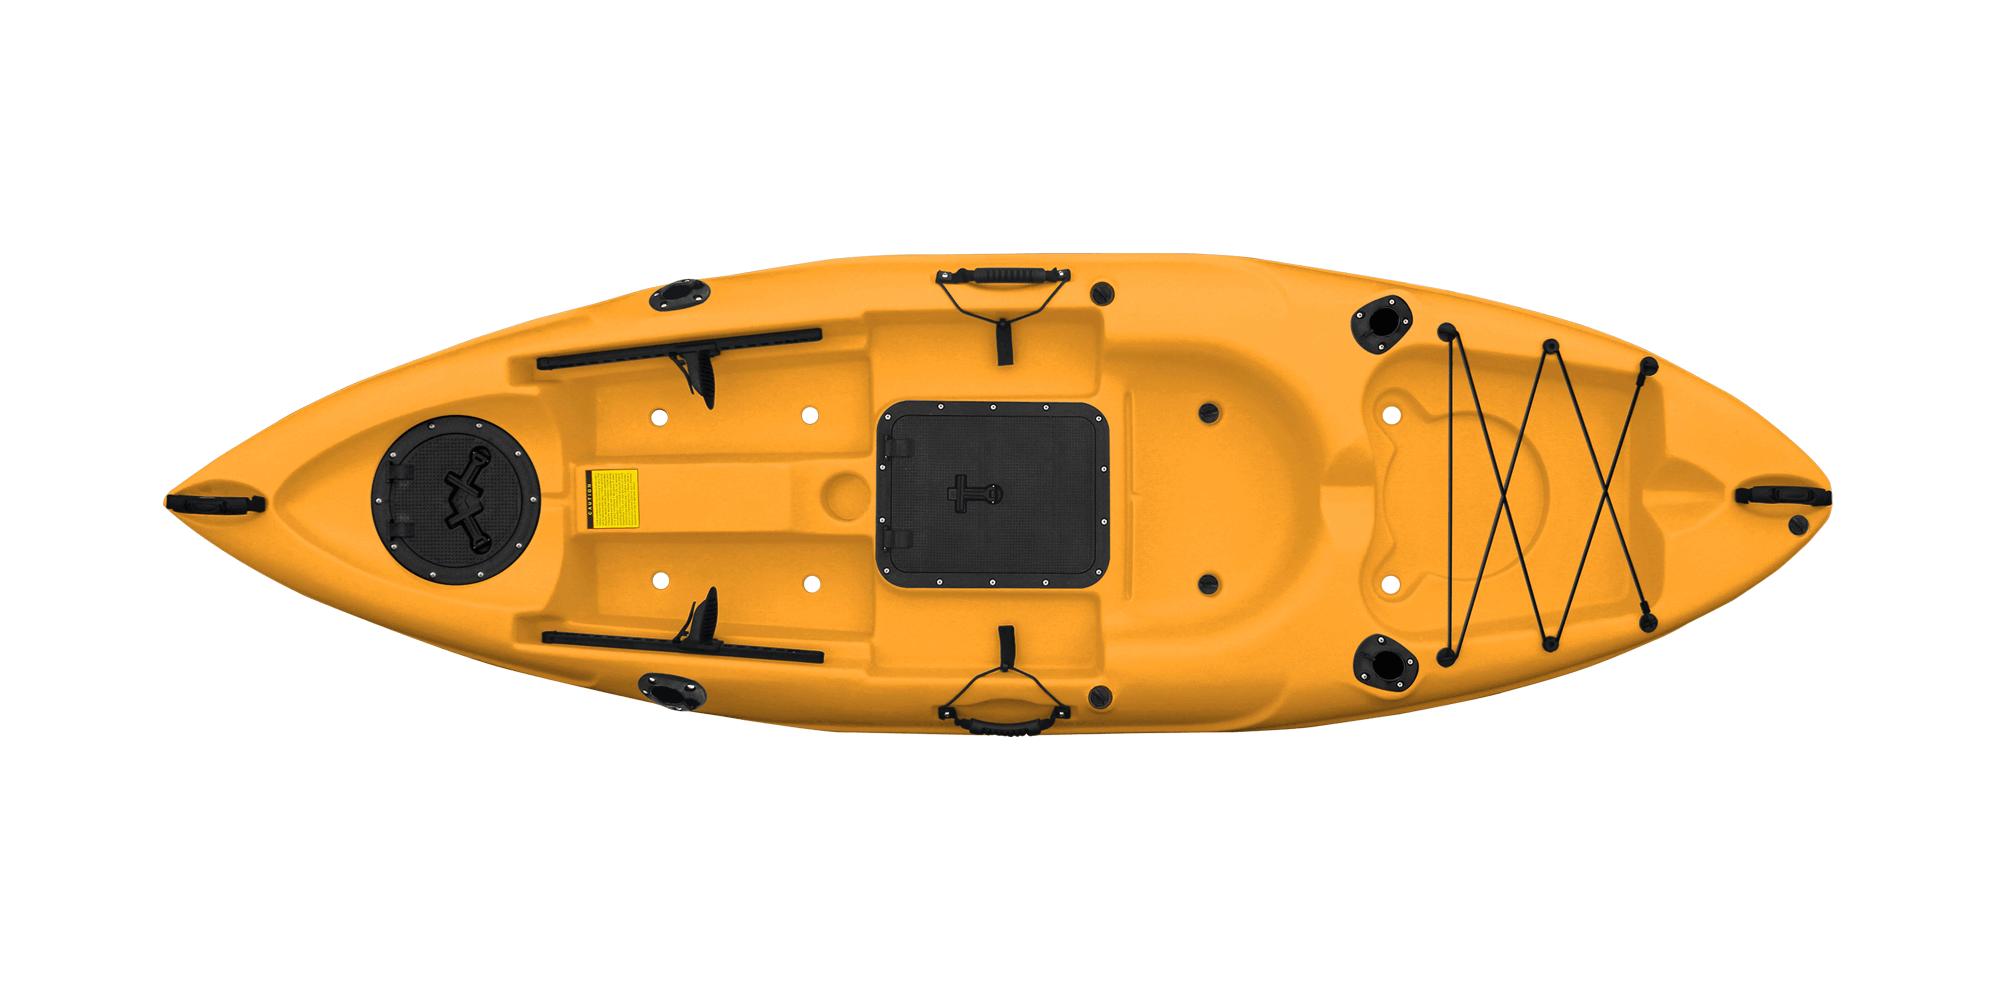 Kayaking clipart tandem kayak. Mini x sit on